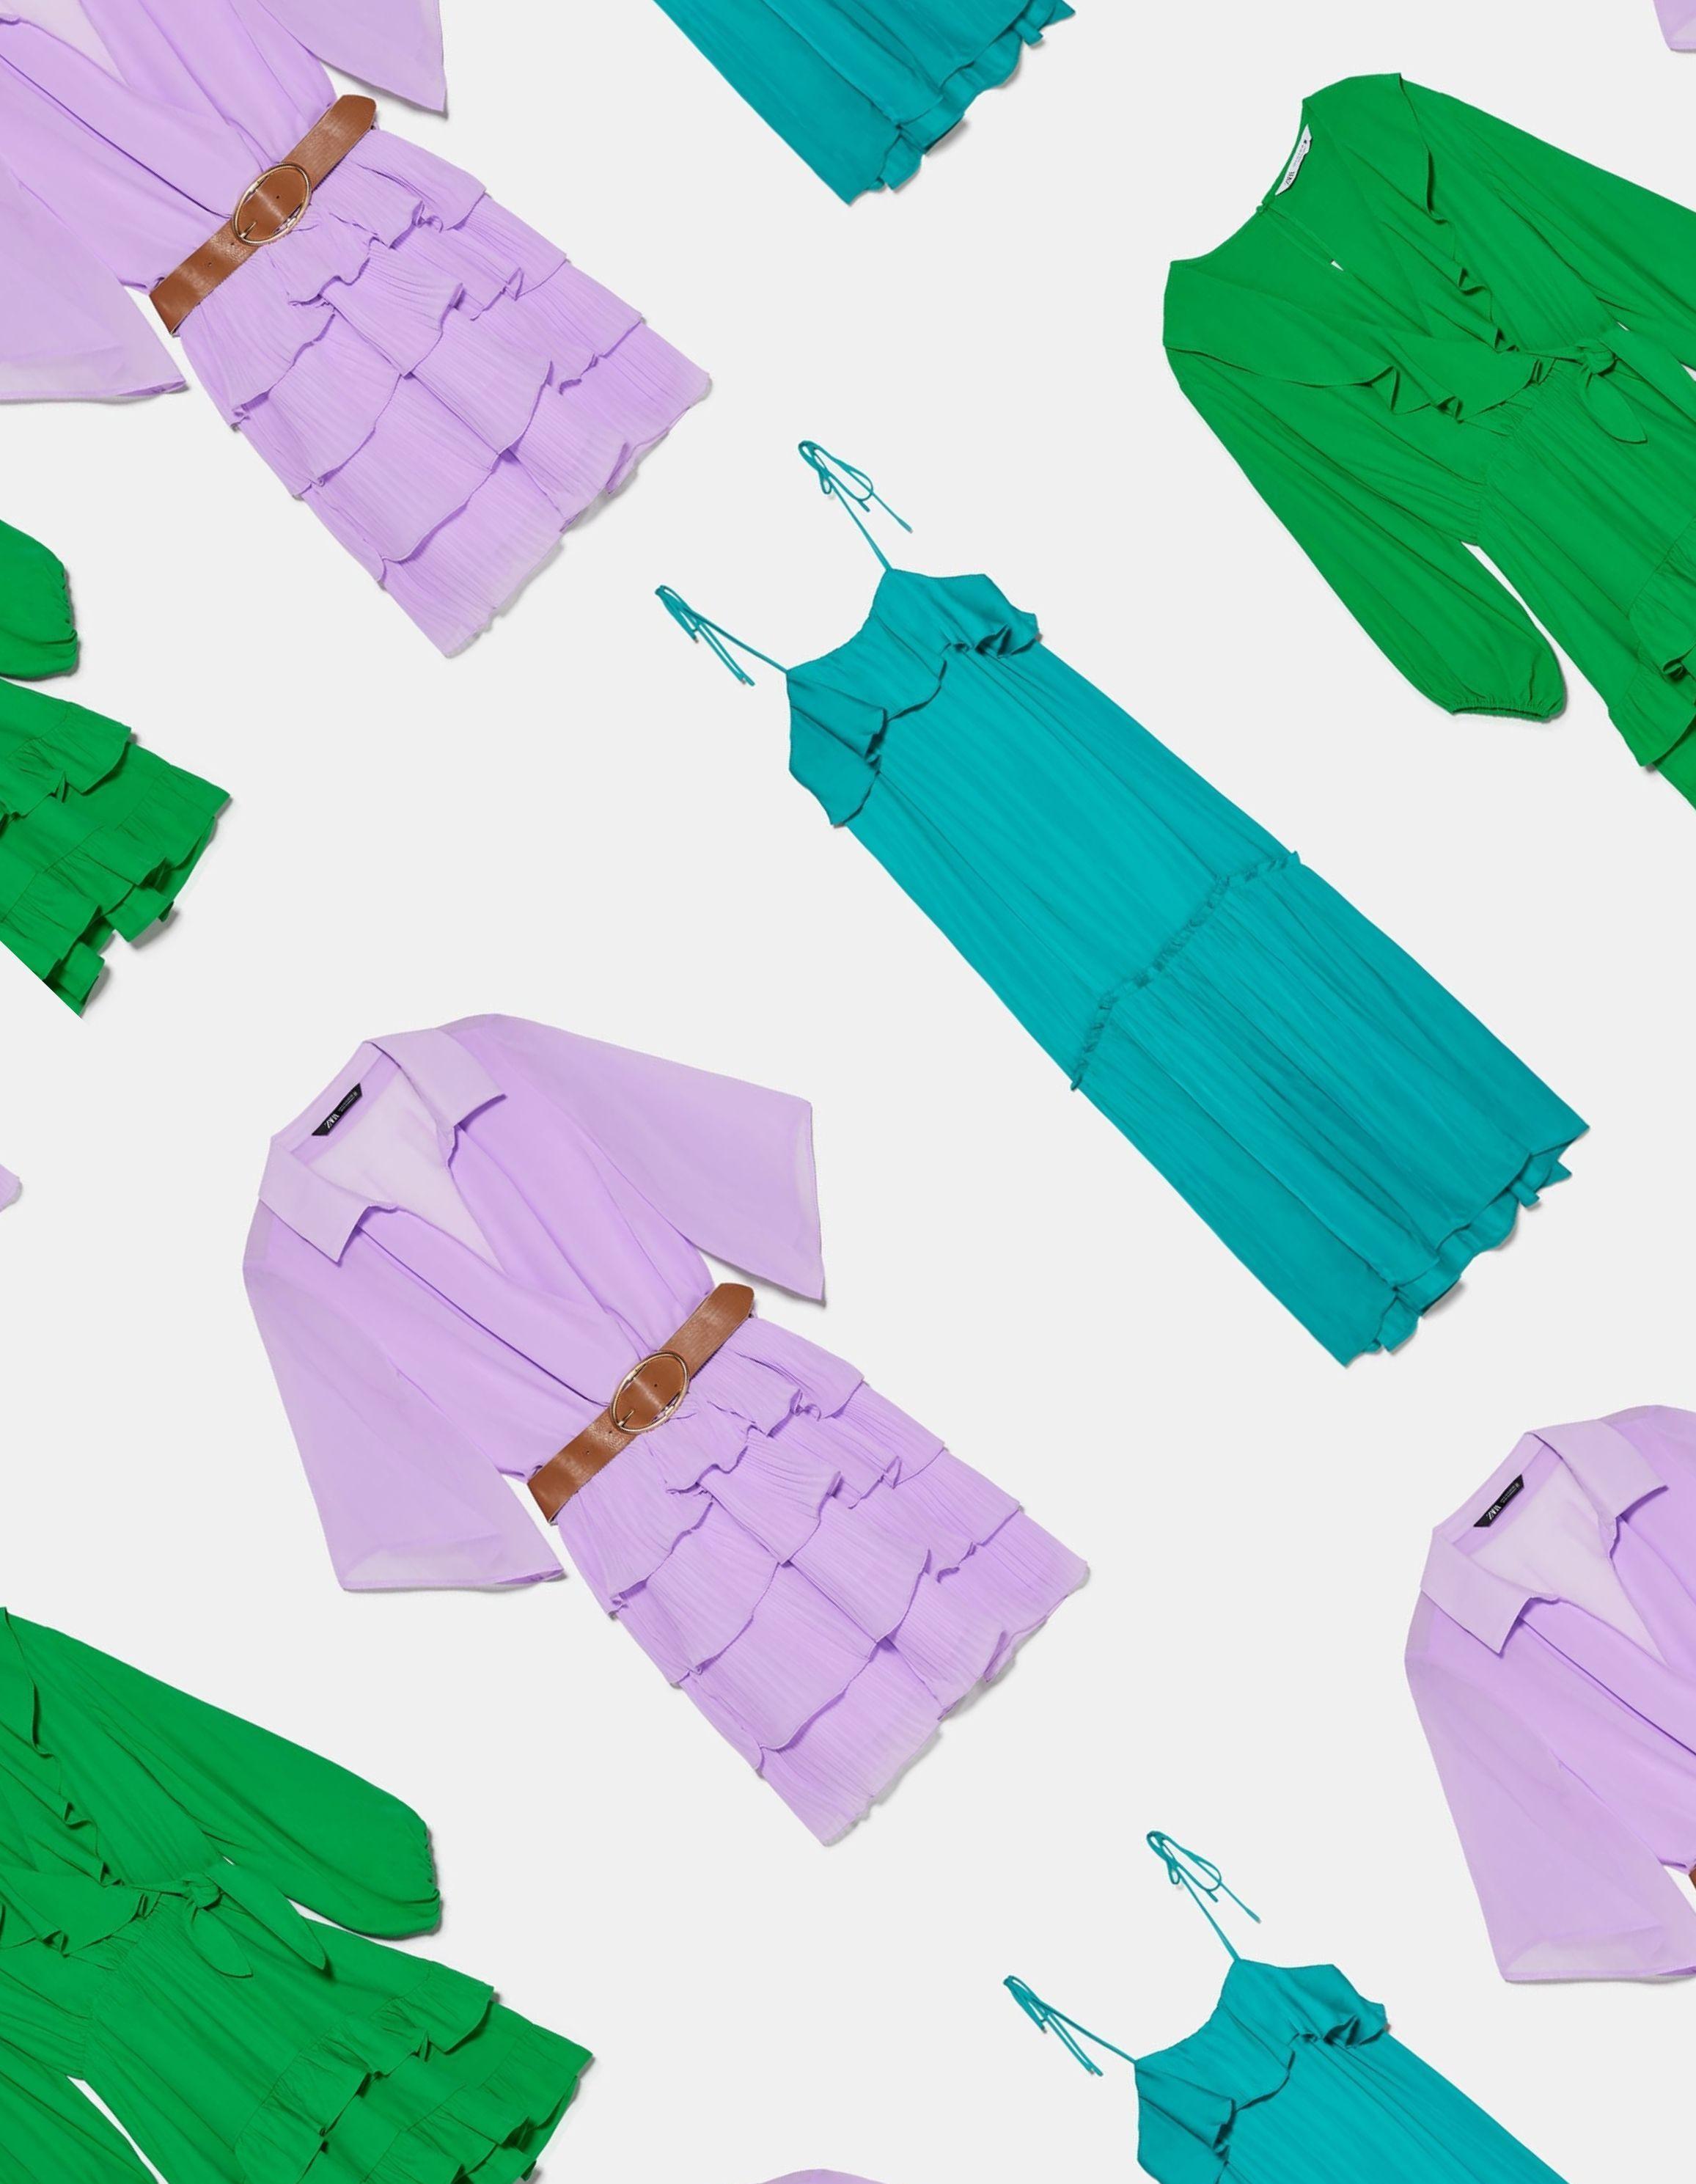 Les Plus Belles Robes Zara En Soldes Qu On Va Porter Tout L Ete Elle